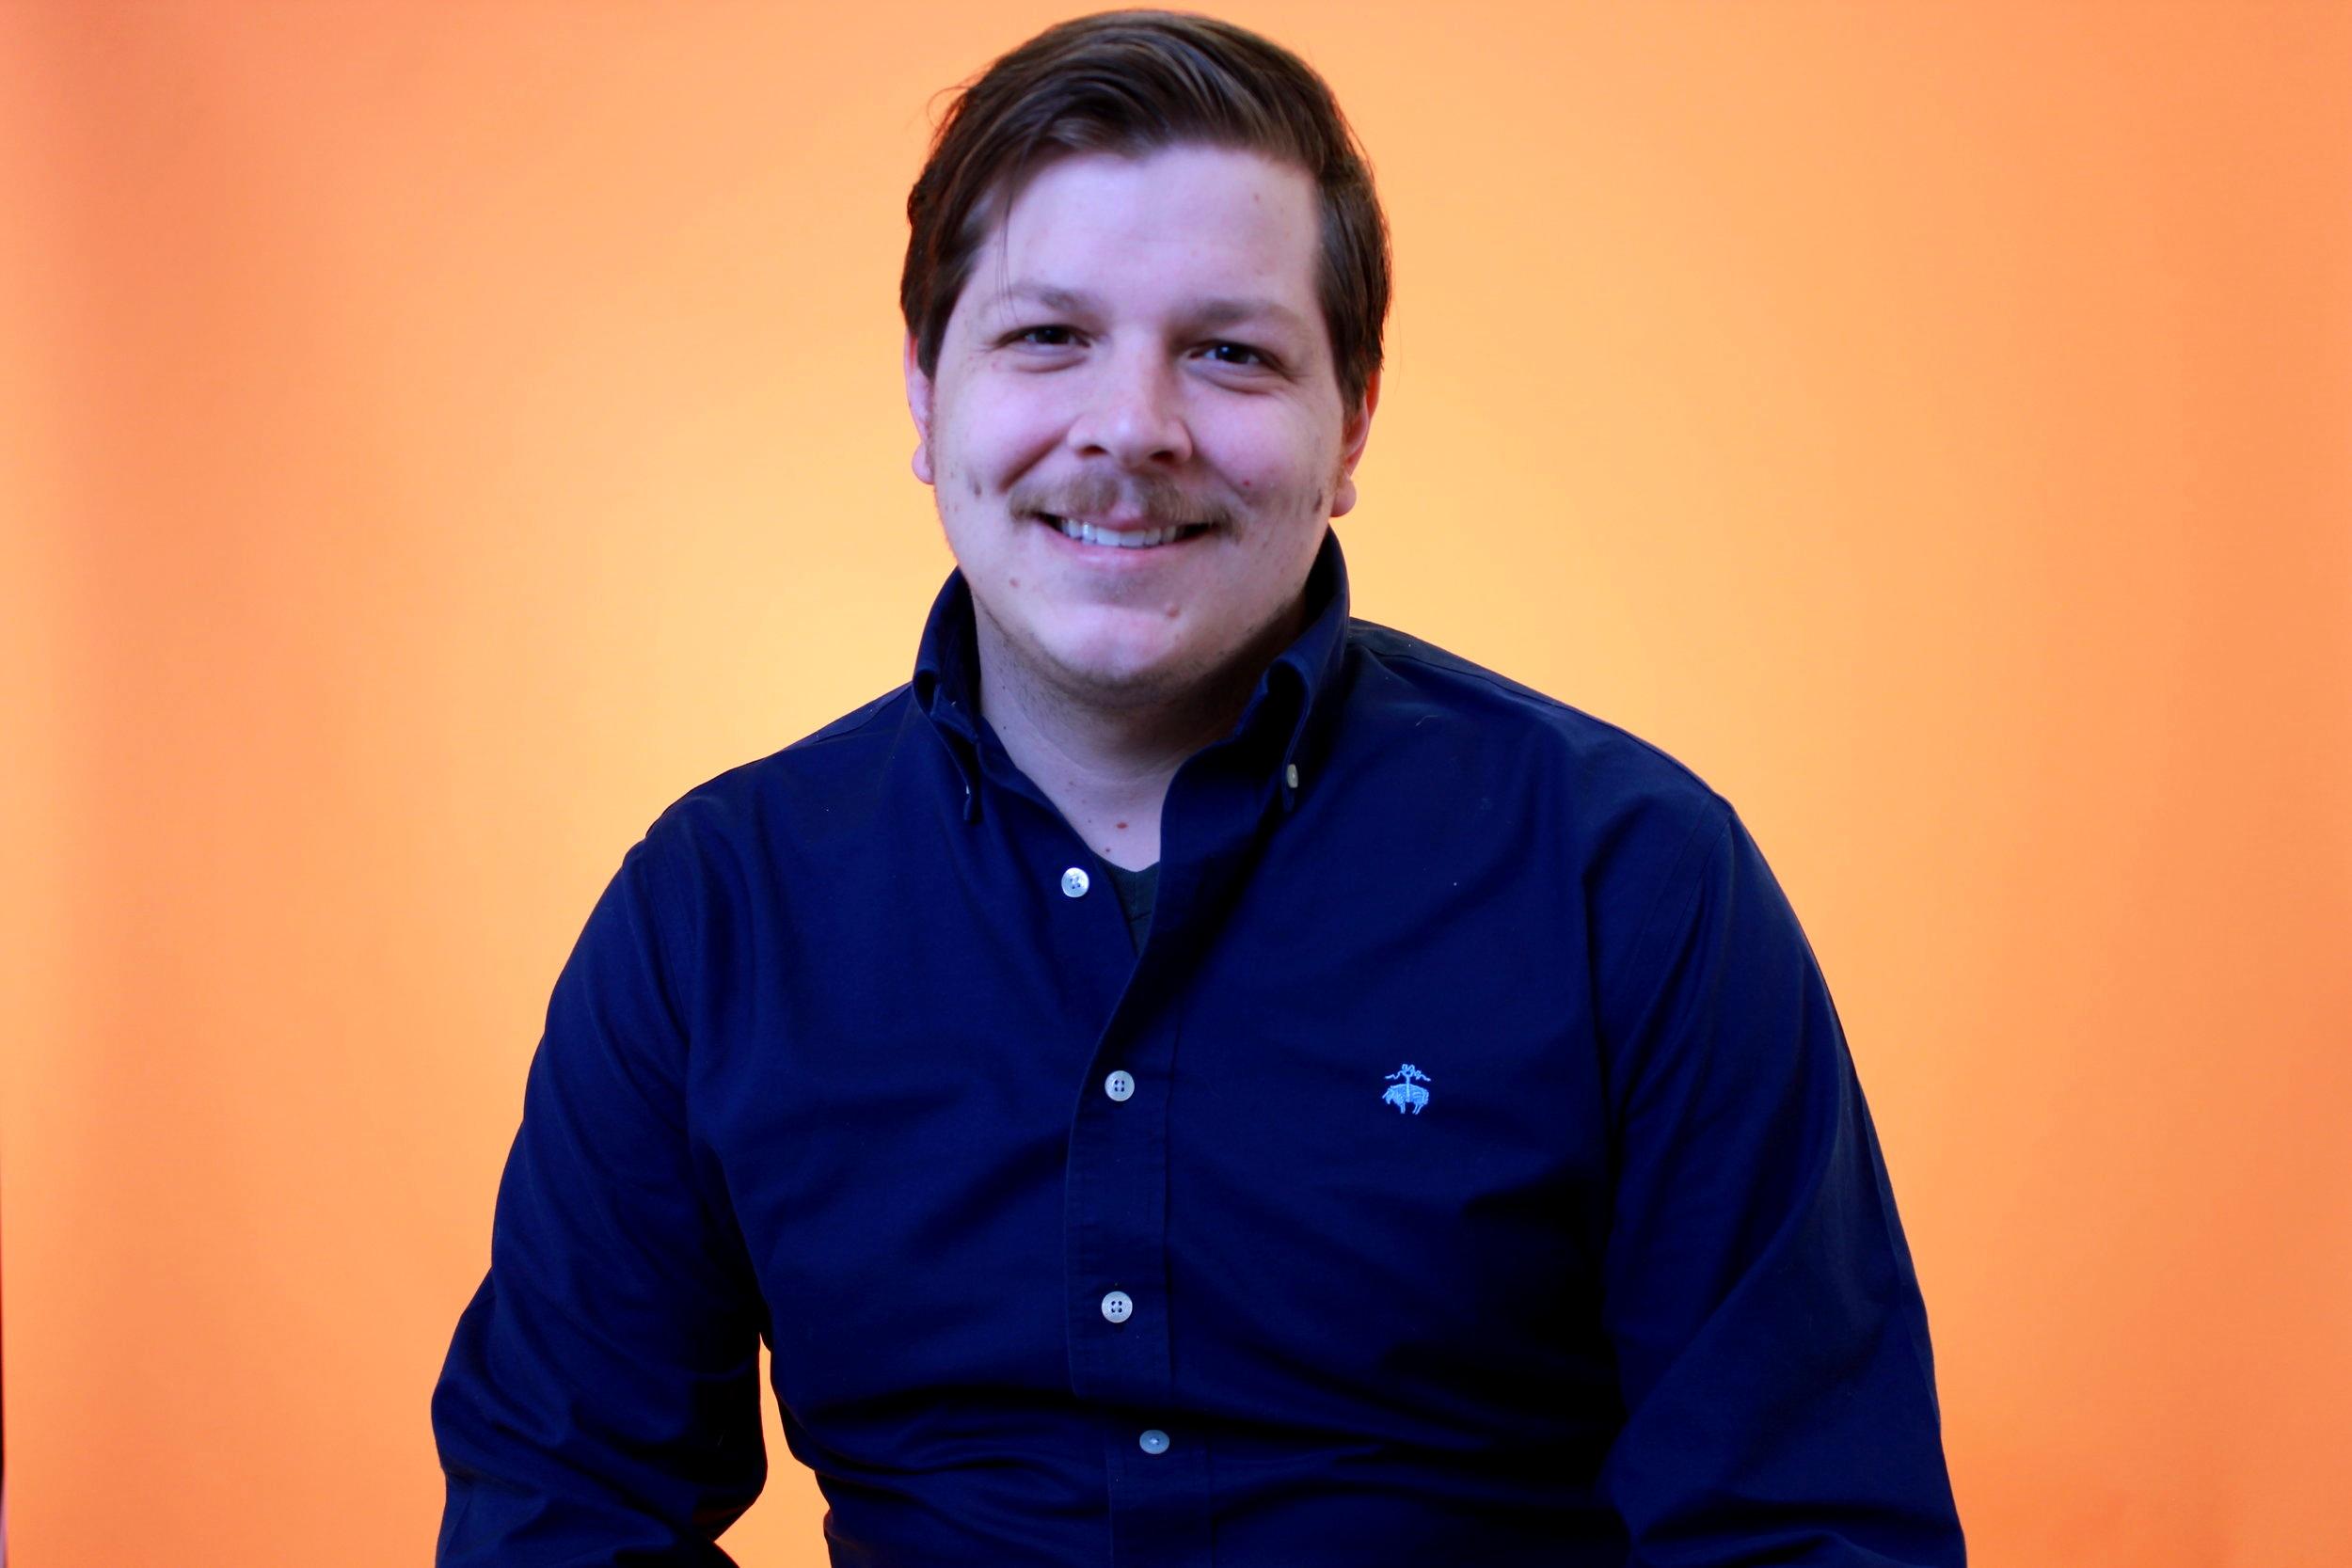 Michael Rekola